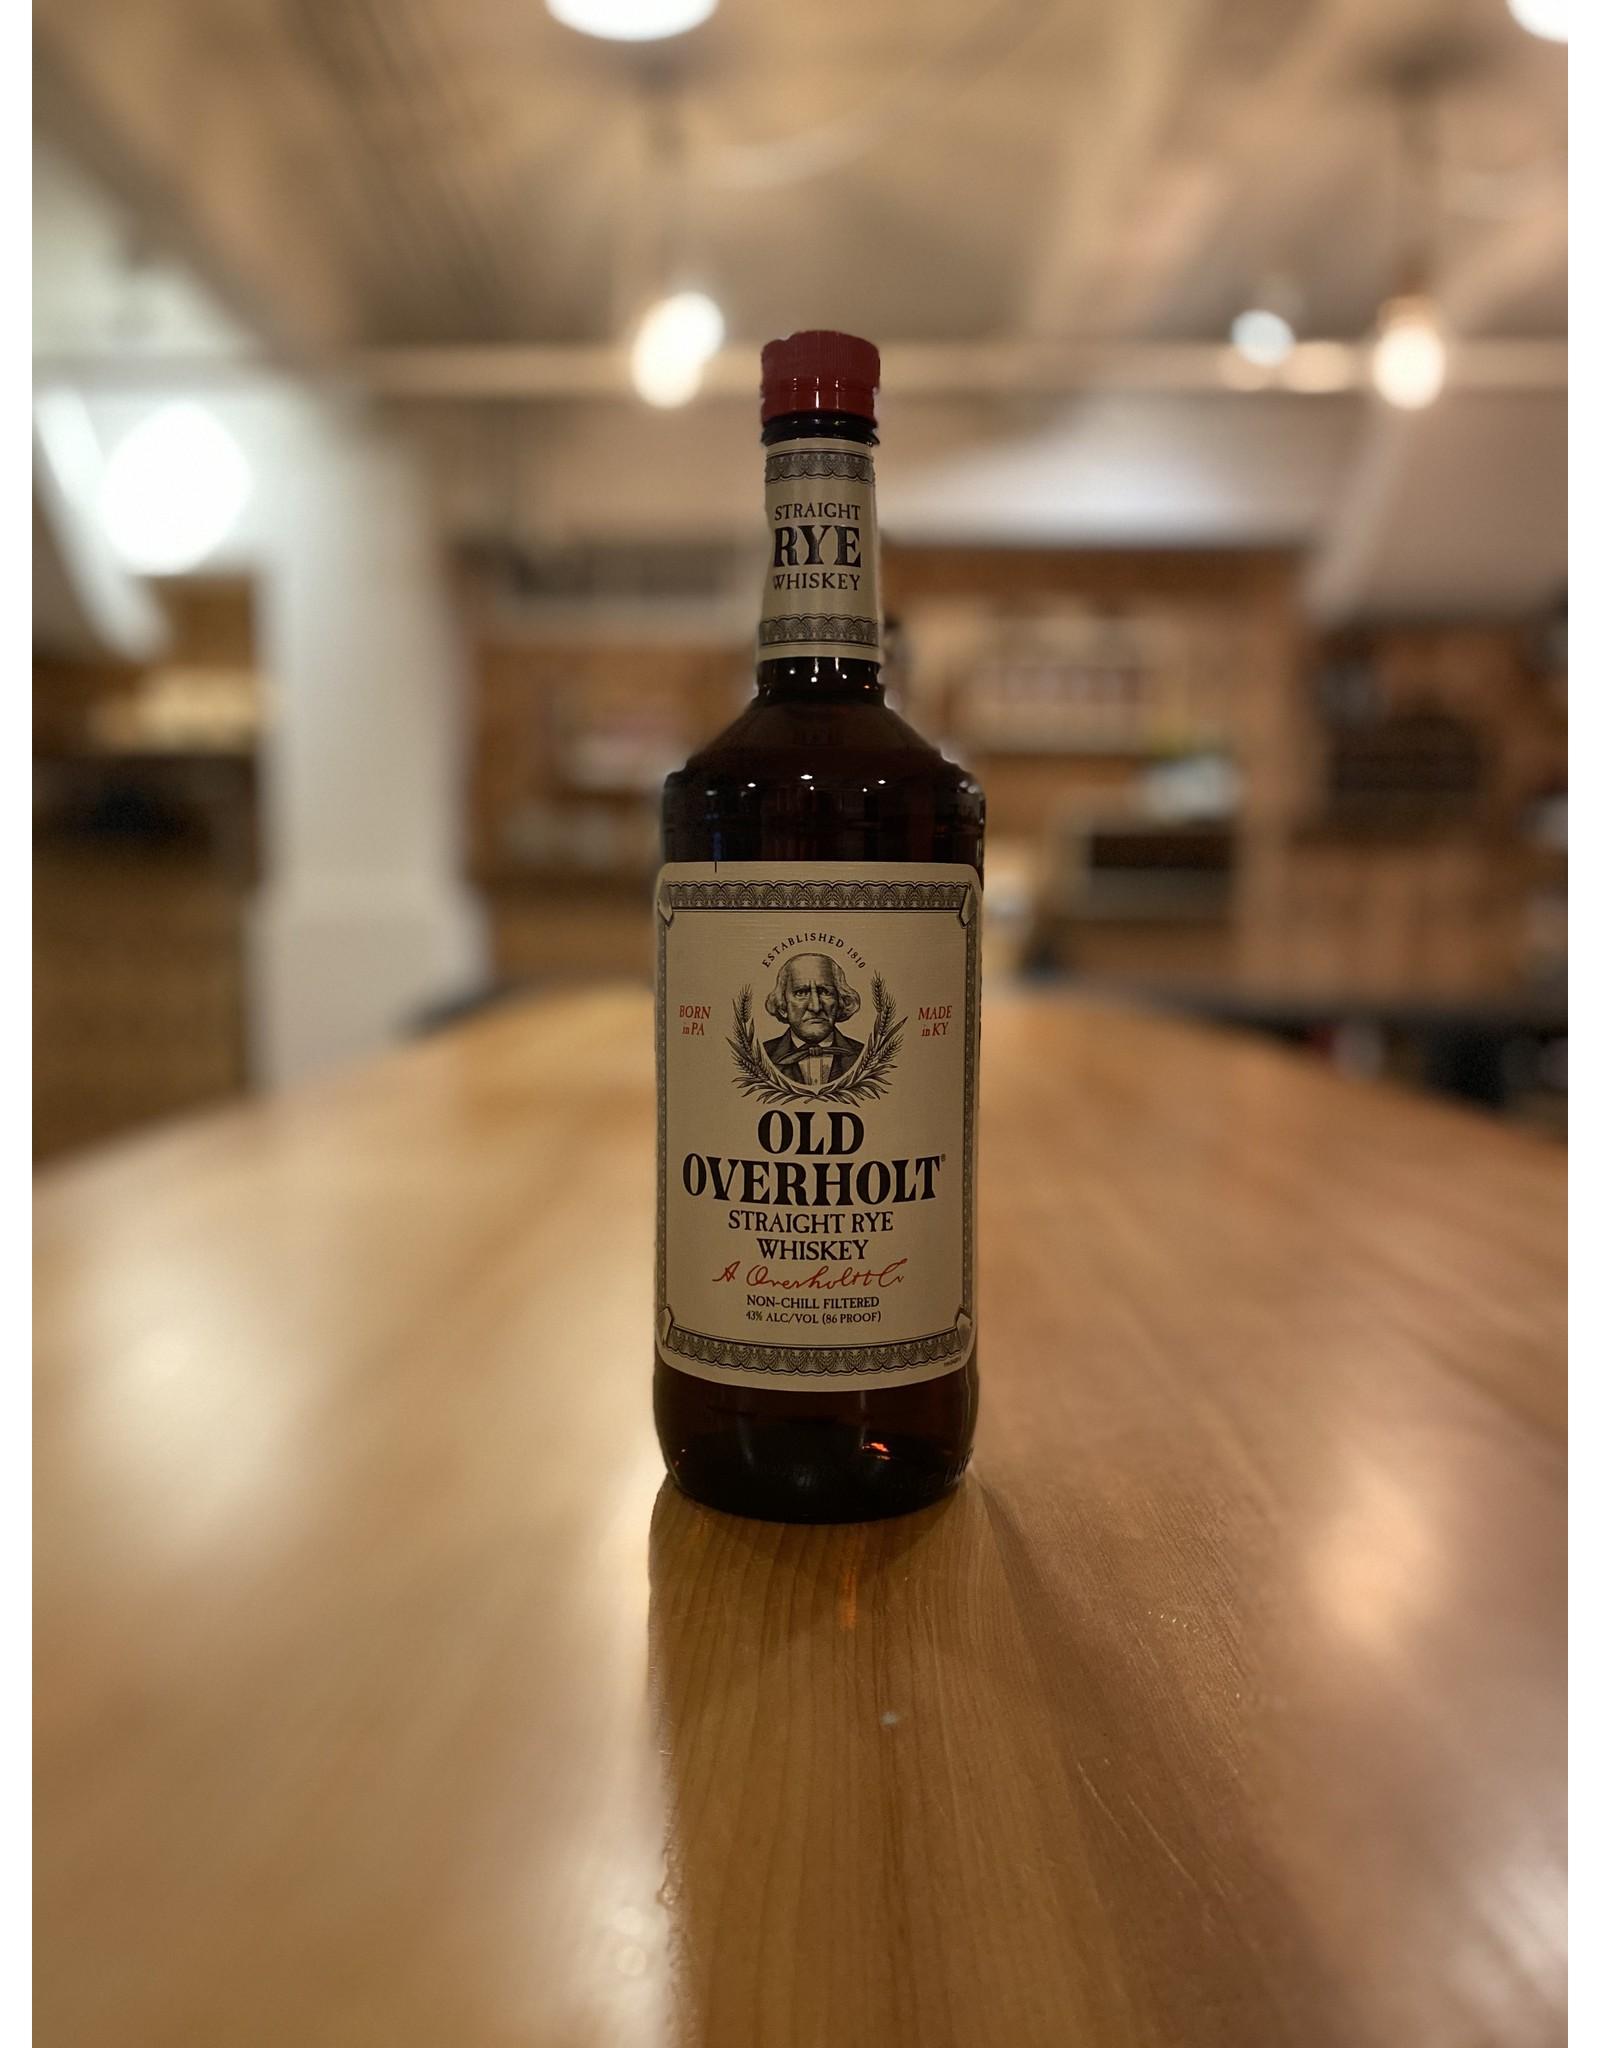 Rye Old Overholt Straight Rye Whiskey 1 Liter